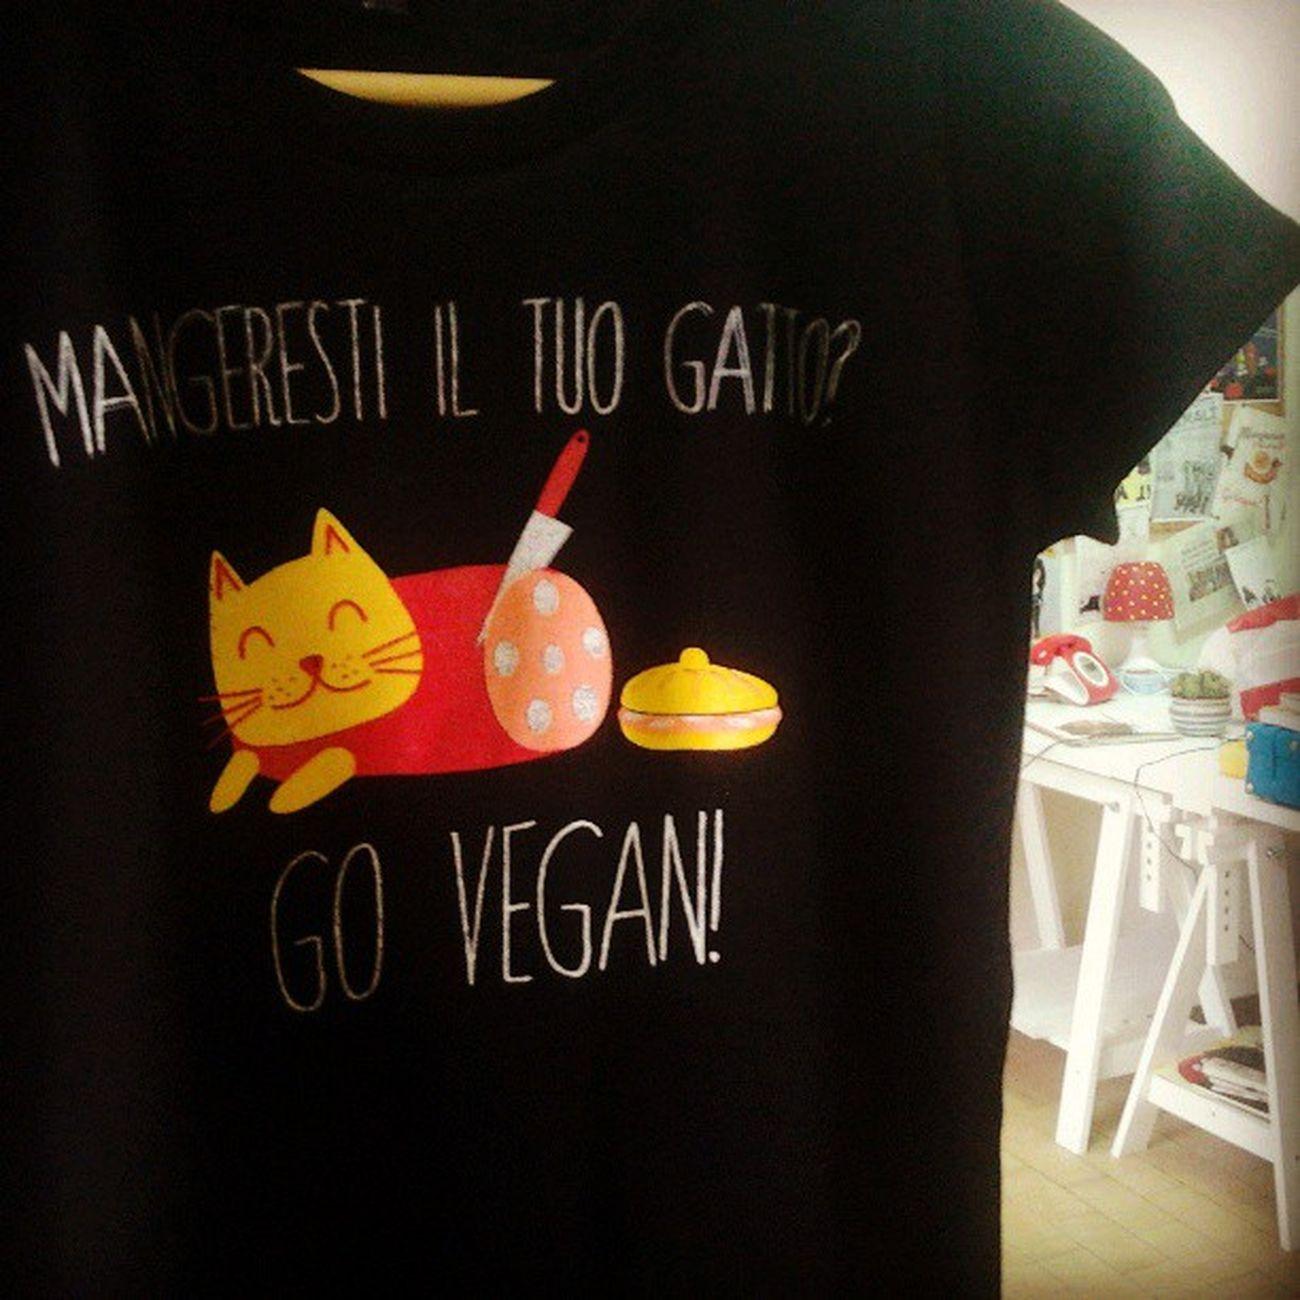 Vegan GoVegan Vegansofig Chiaralascura Crueltyfree Vegansofinstagram Vegantshirt Organiccotton Veganshopping Fairwear Graphictshirt Veganfashion Ecofashion